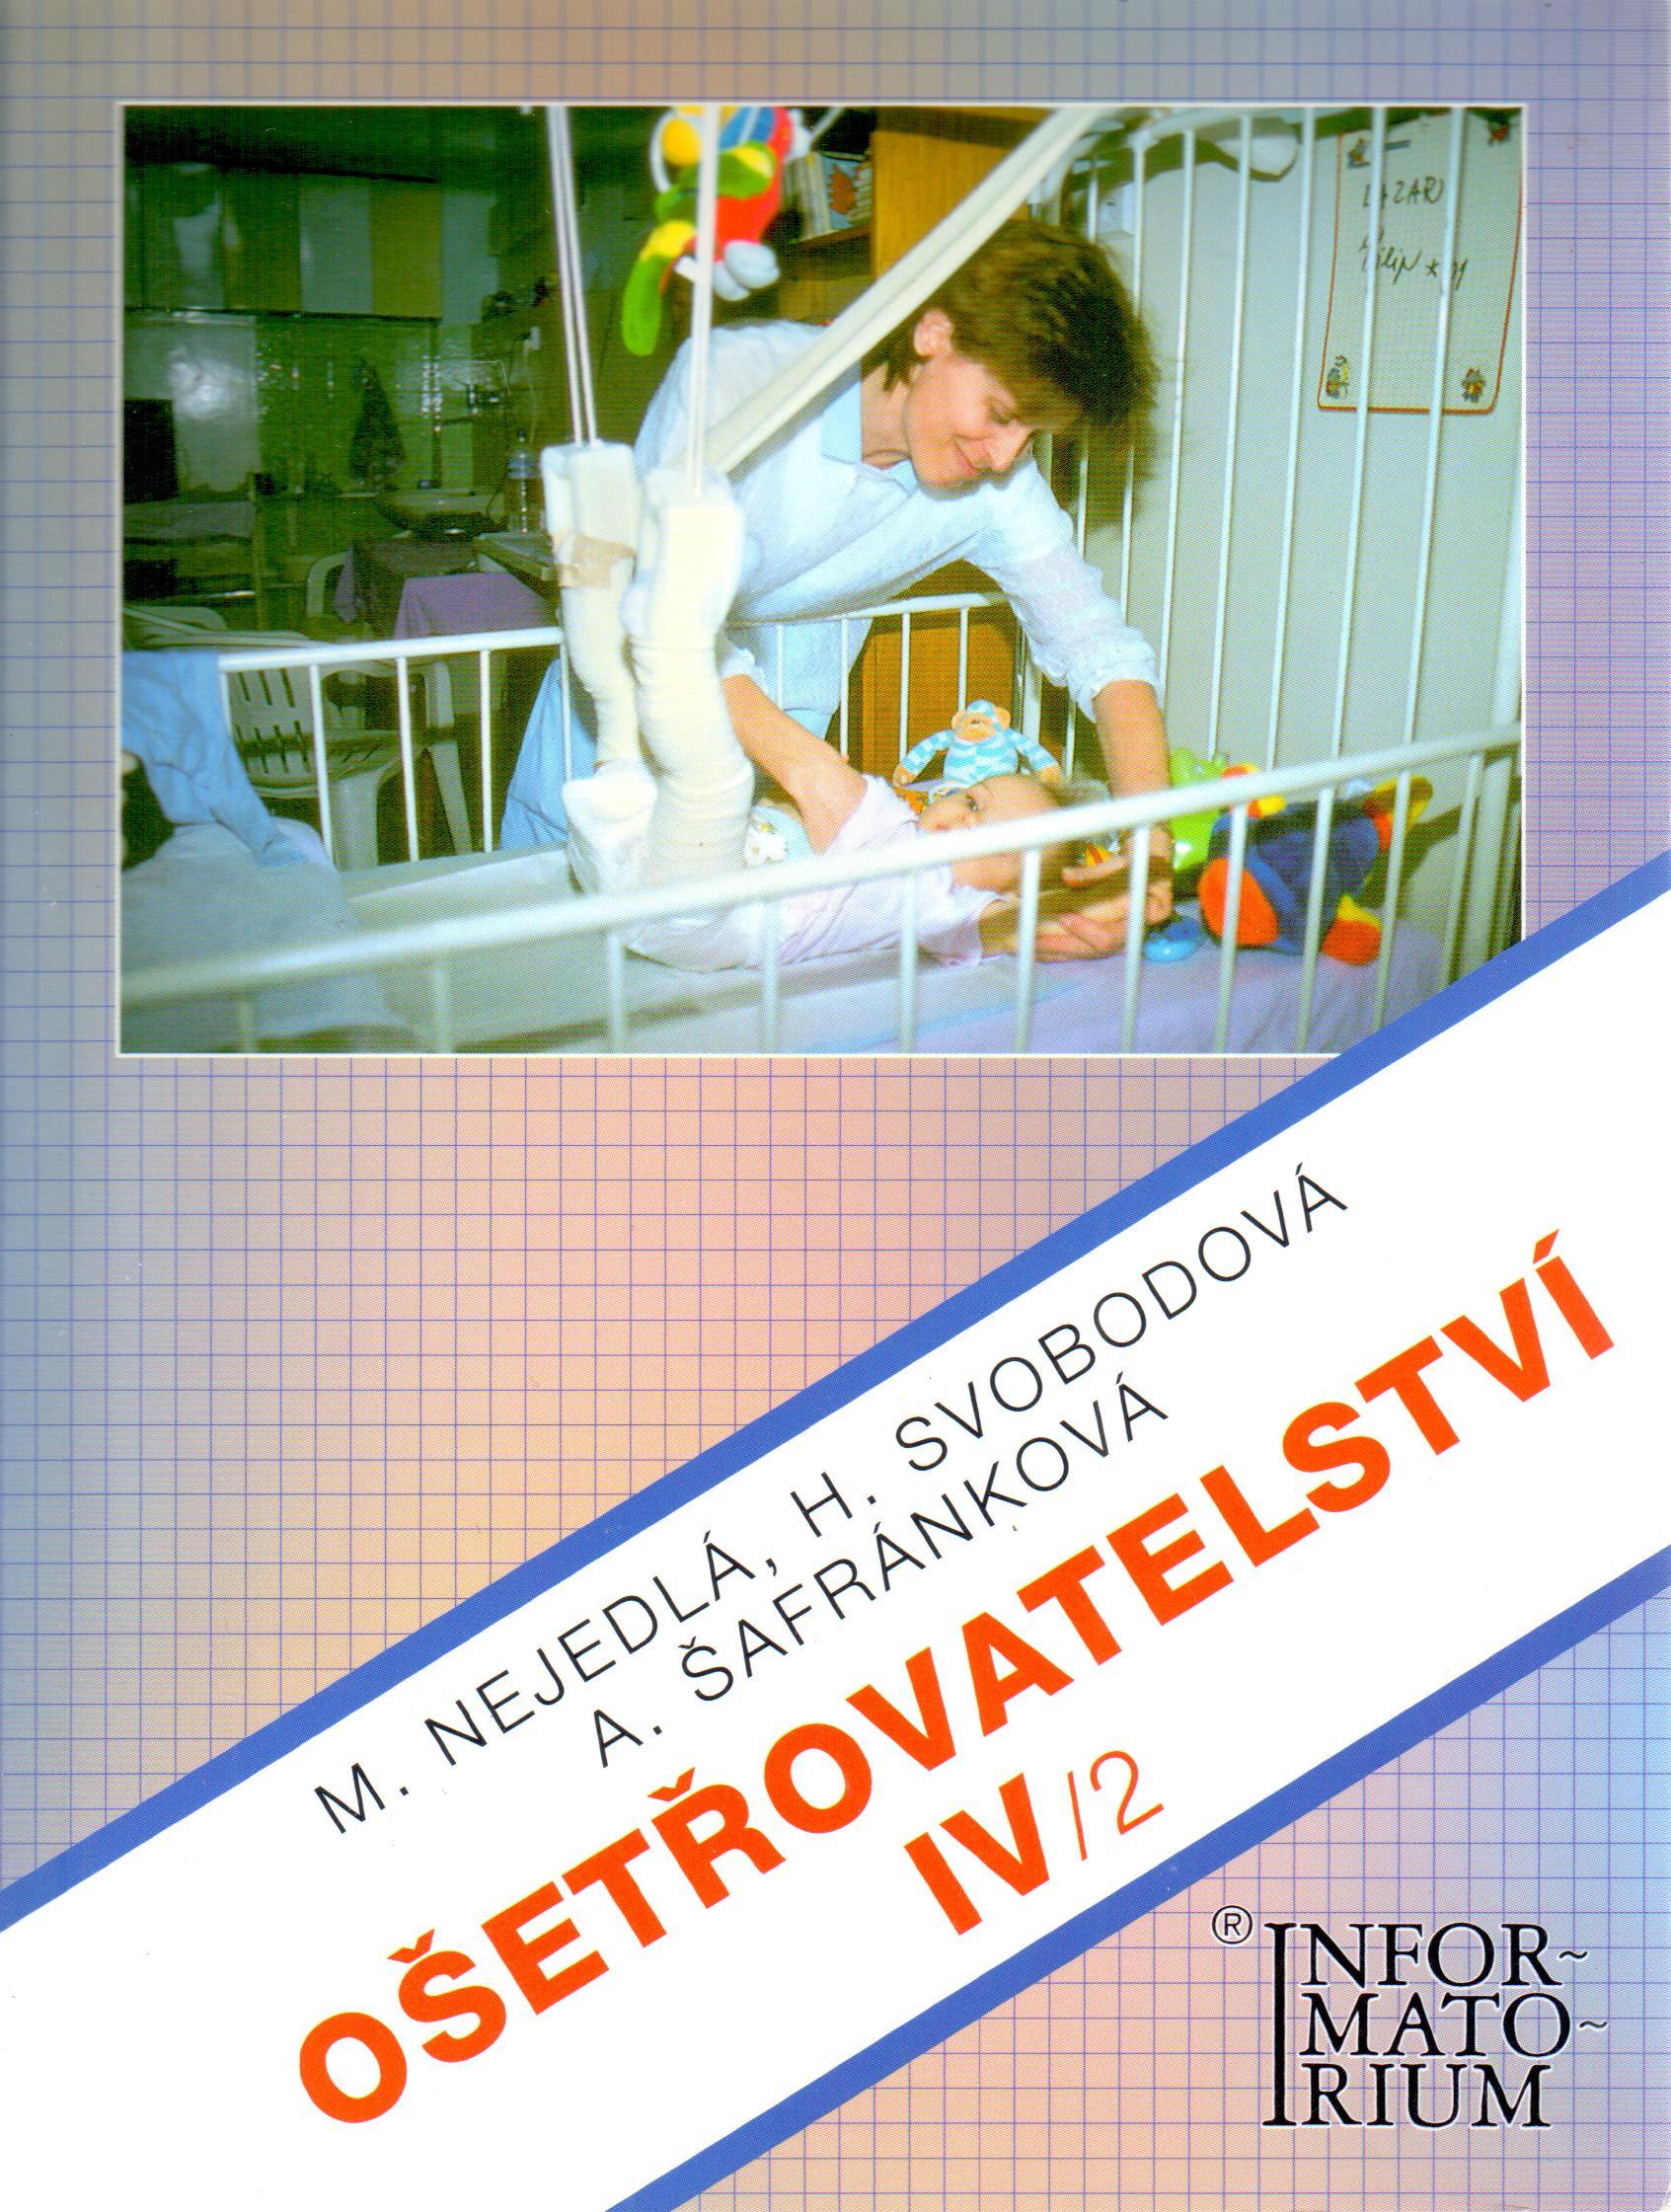 Ošetřovatelství IV/2 - Náhled učebnice